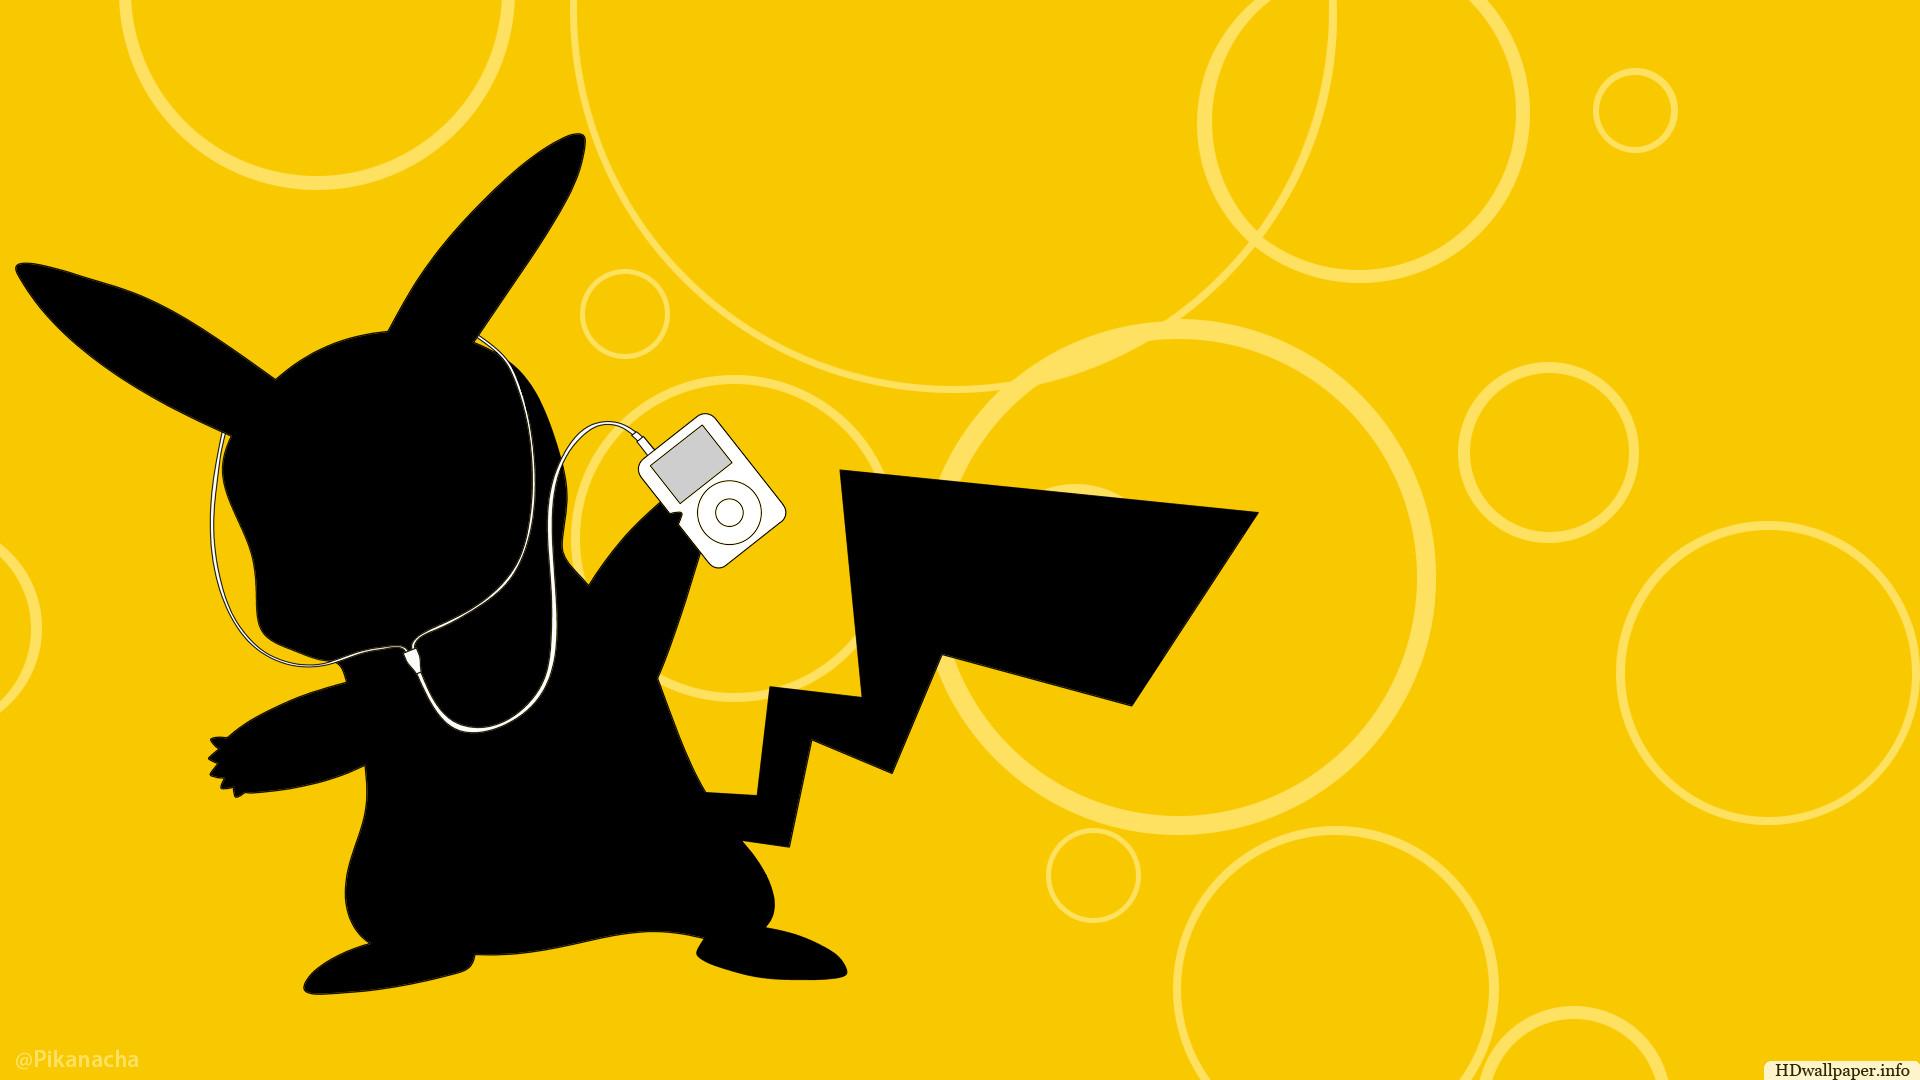 pikachu ipod wallpaper id: 3372 / credit